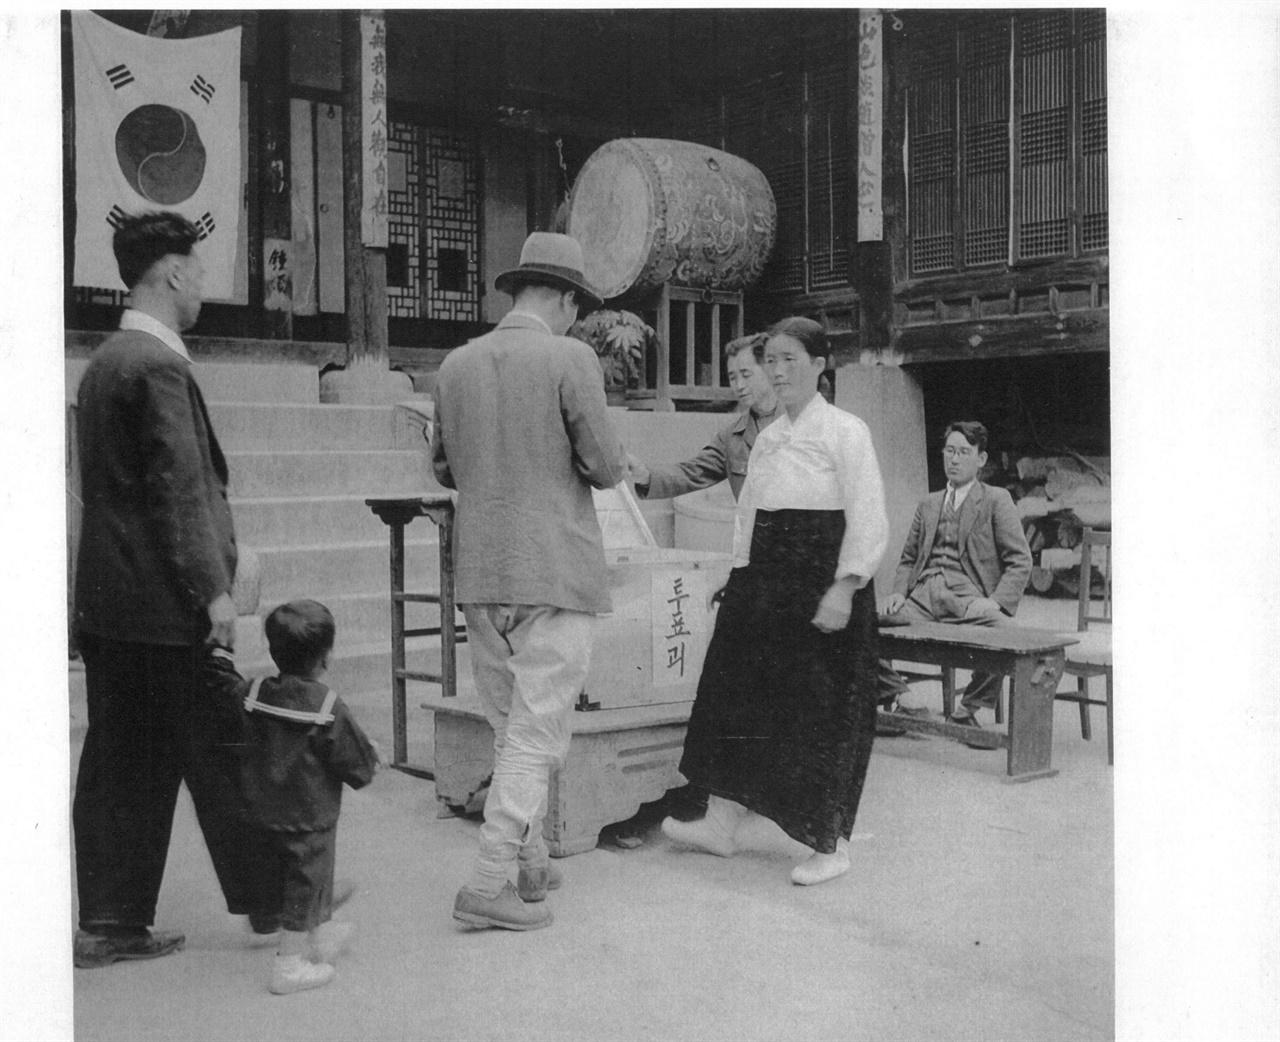 5. 10 총선거에서 투표하는 유권자들(1948. 5. 10.).